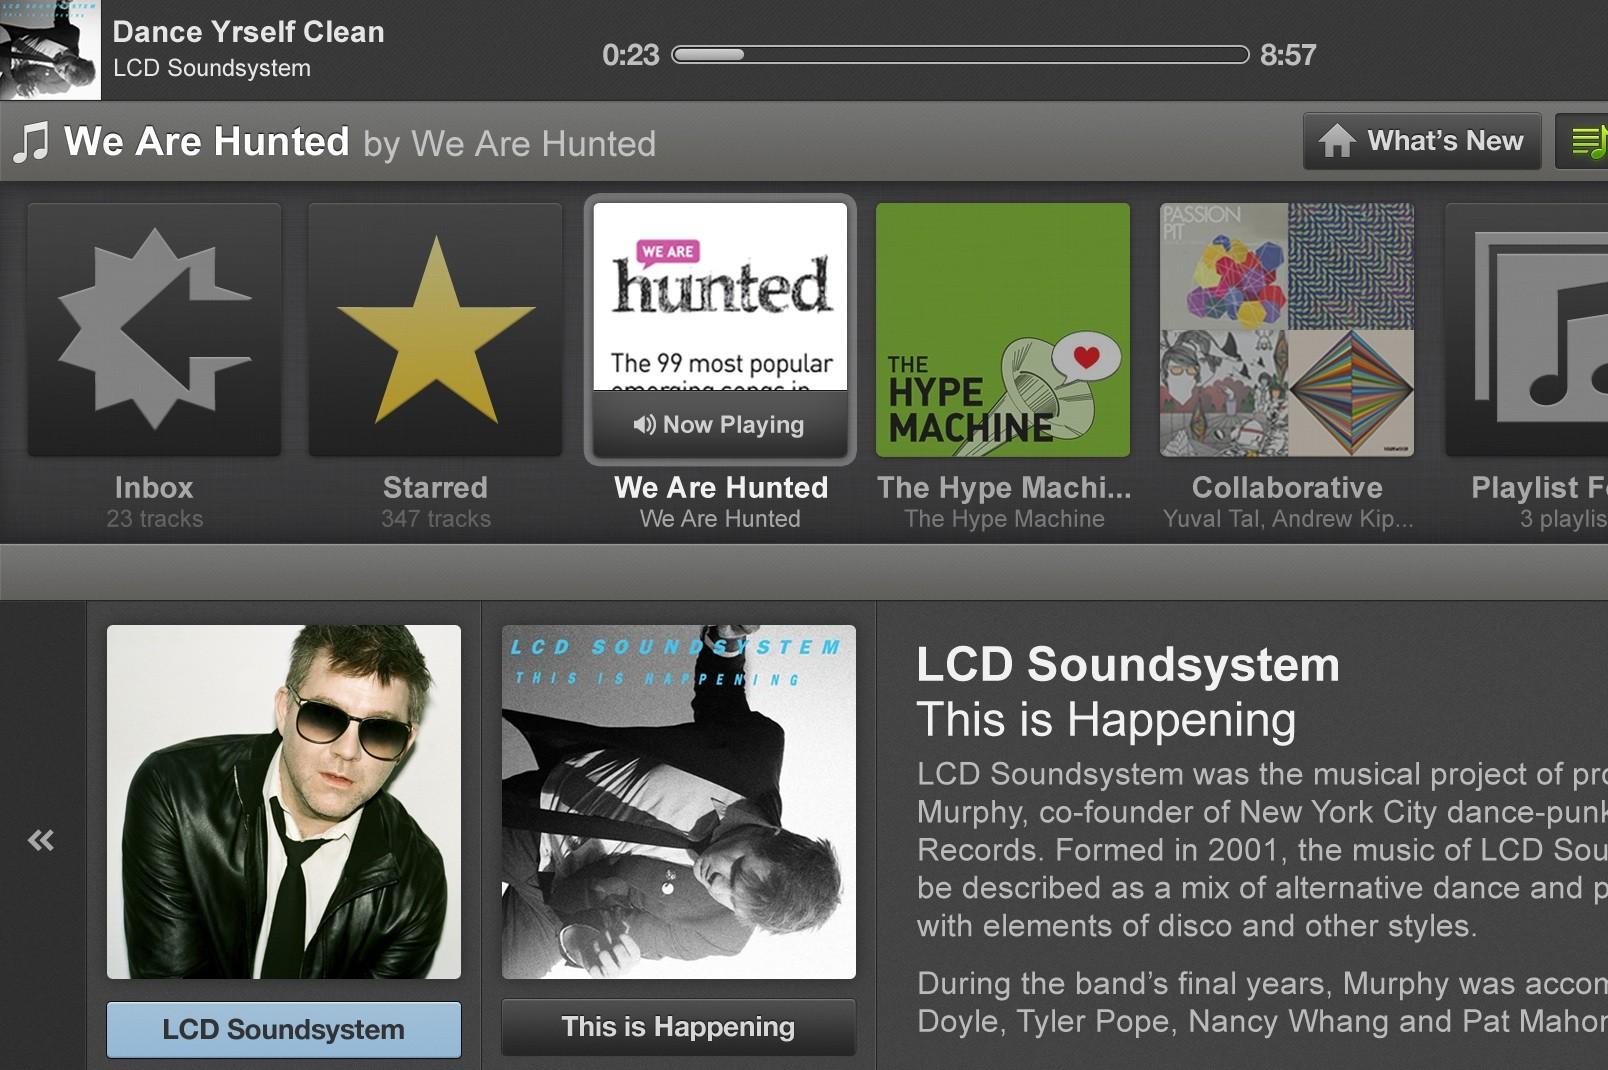 Boxee_Spotify_MoreInfo_LCD Soundsystem